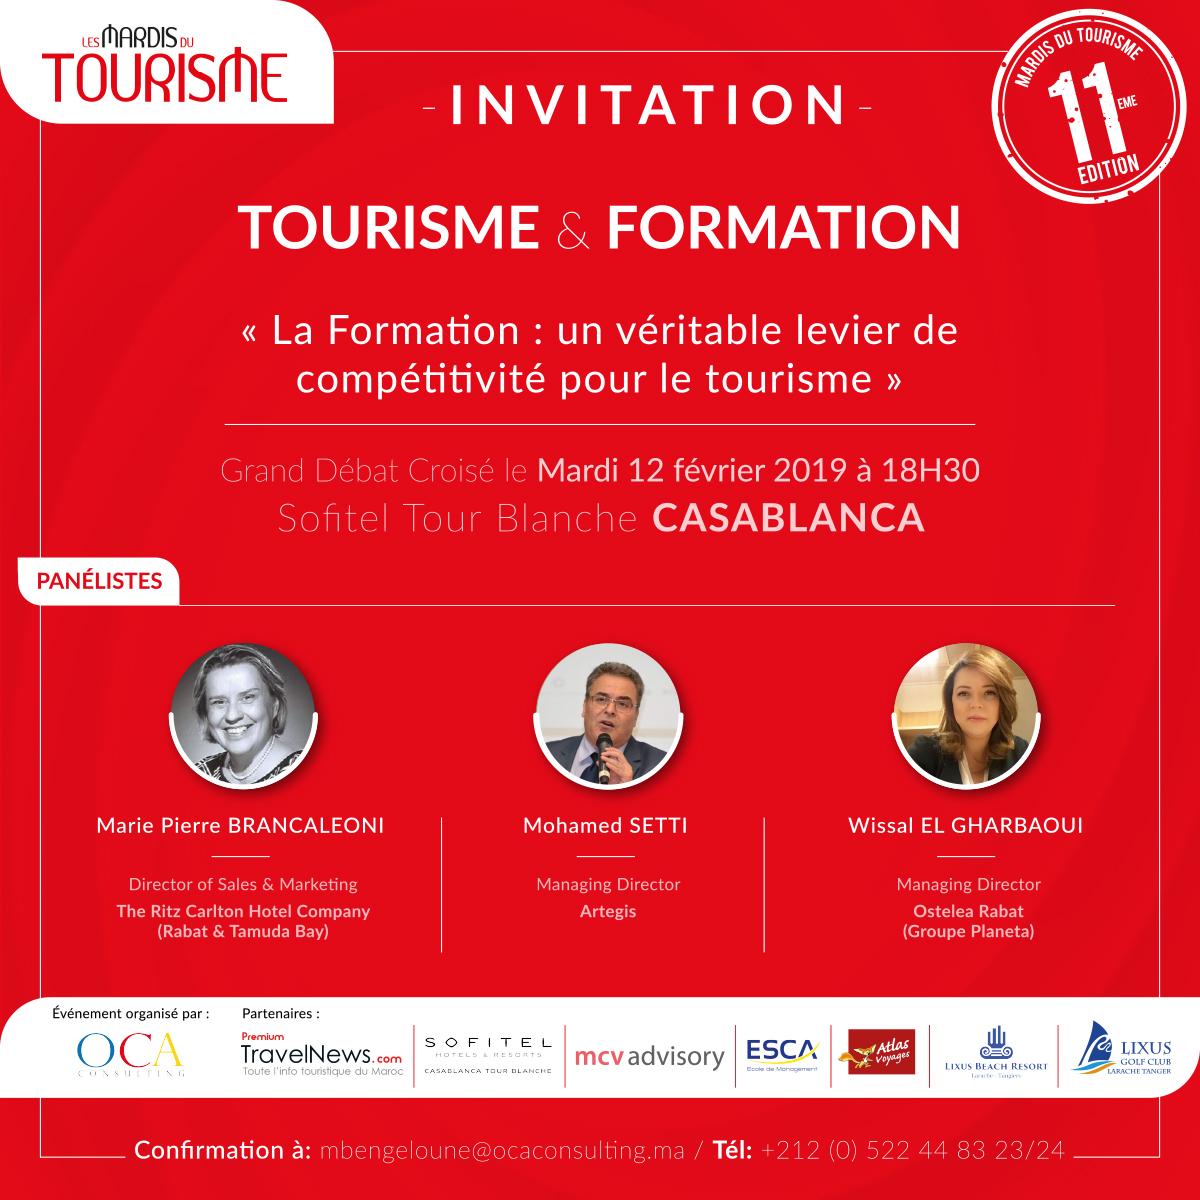 Les Mardis du Tourisme #11: Tourisme & Formation